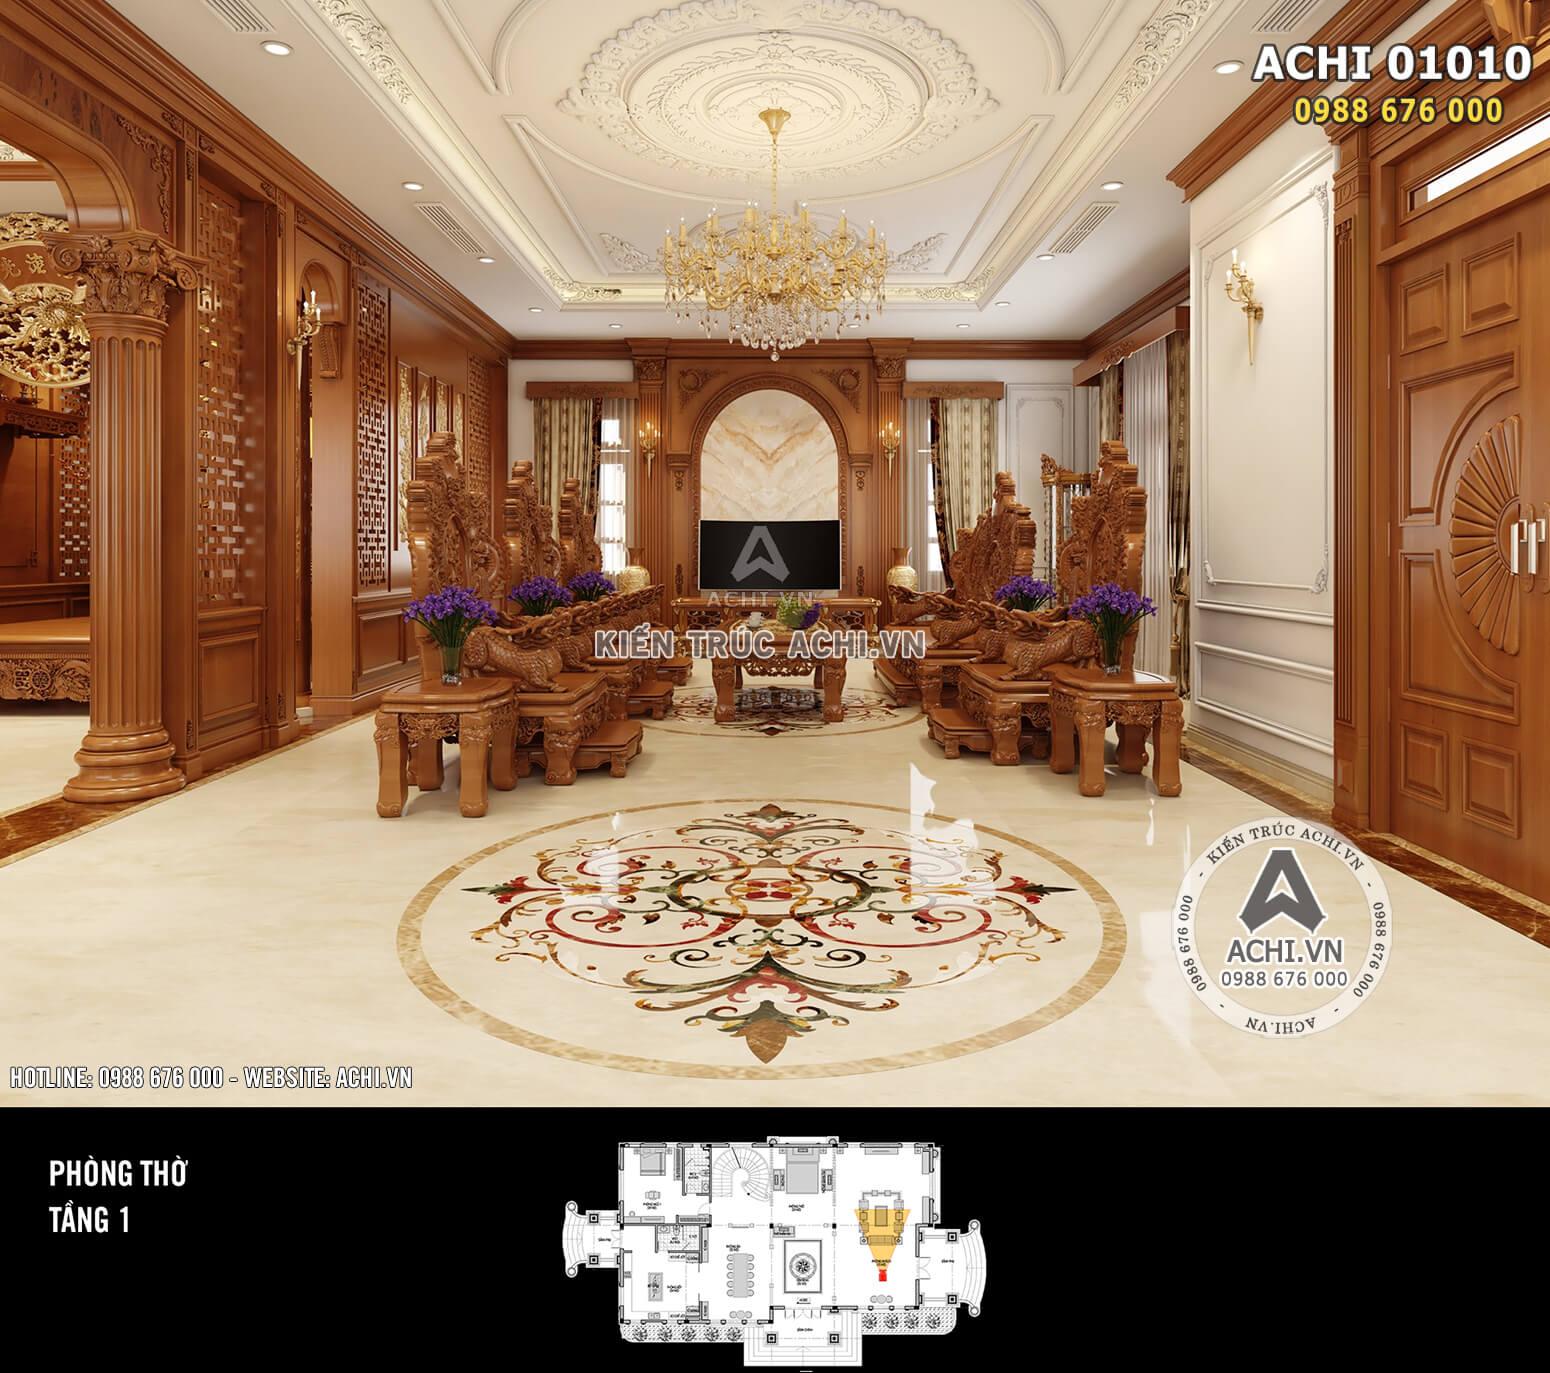 Hình ảnh: Thiết kế nội thất tân cổ điển - Phòng khách bằng gỗ - 02